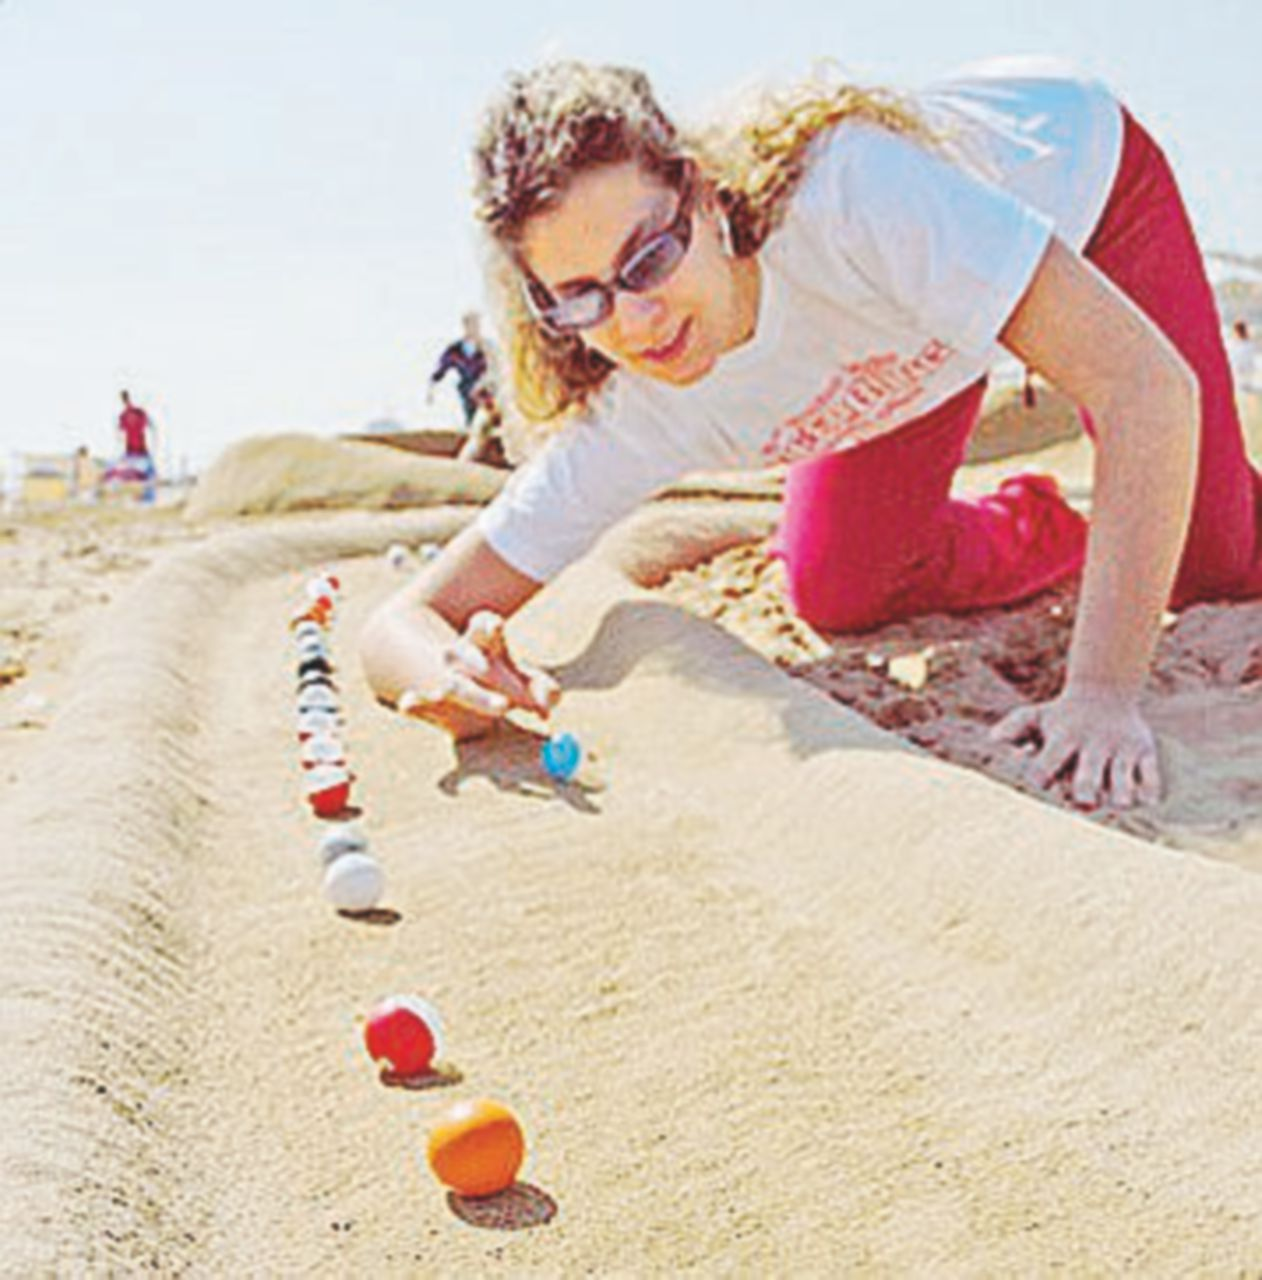 Facciamolo Cheecoting Sfida di biglie in spiaggia